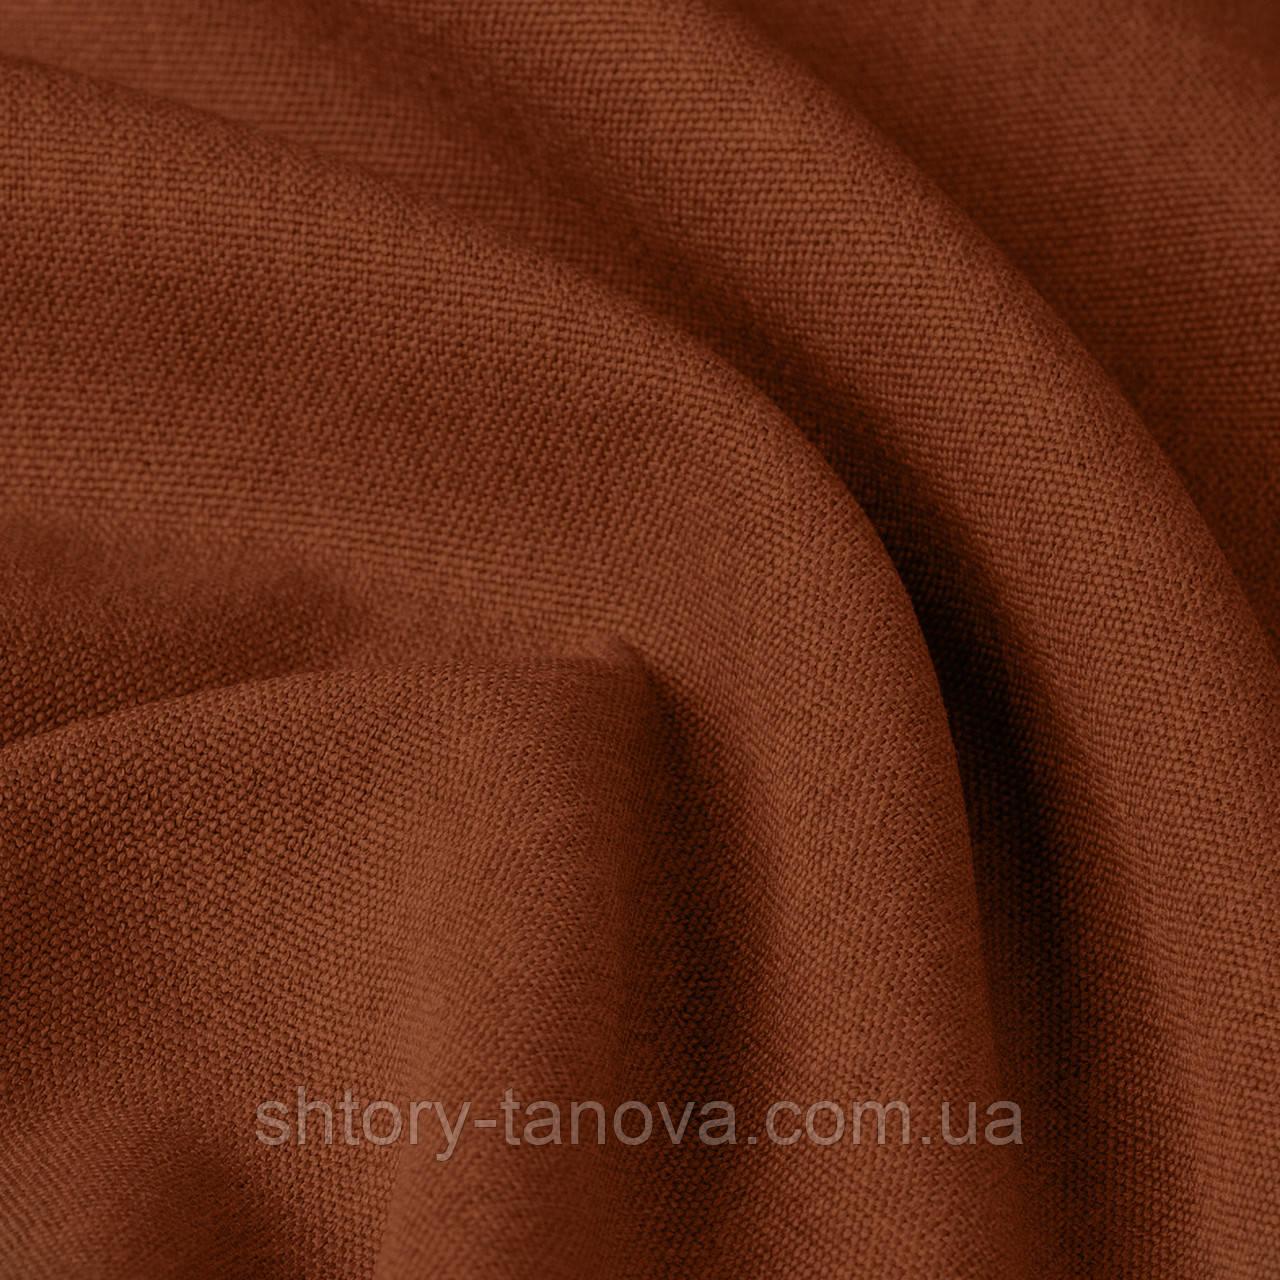 Однотонная рогожка для шторы светло-коричневого цвета Турция